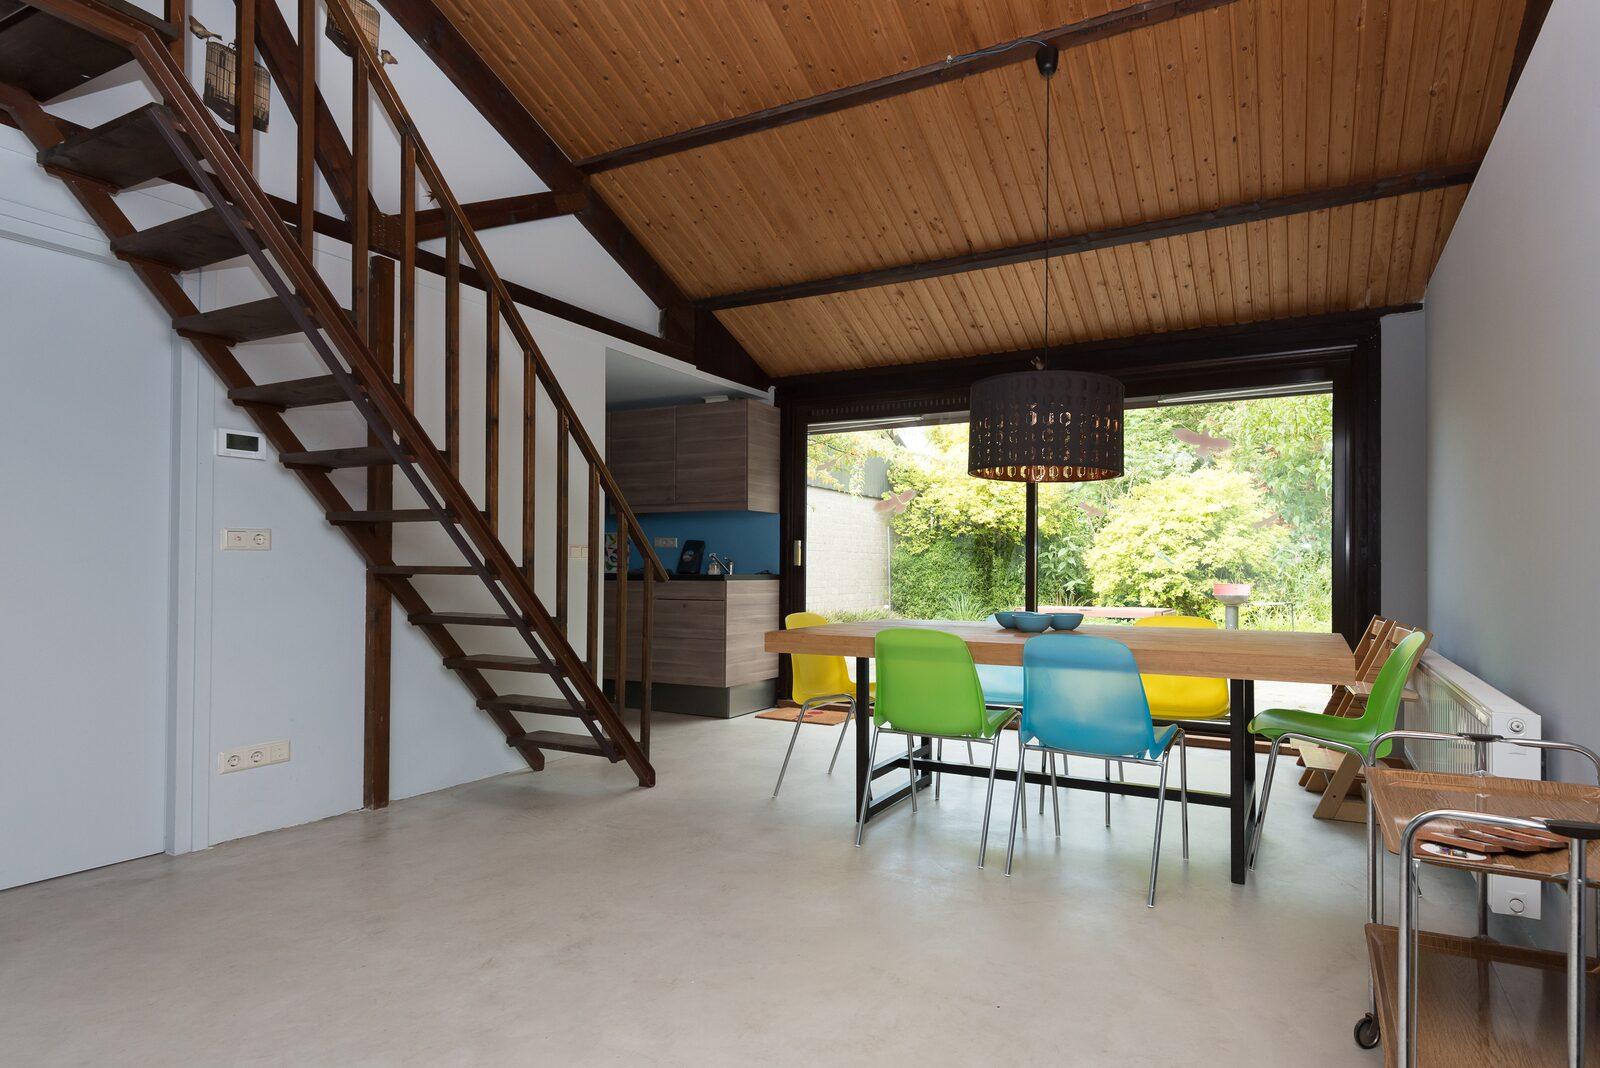 Ferienhaus - Kuyerdamseweg 17 | Ellemeet  'De Haerde'